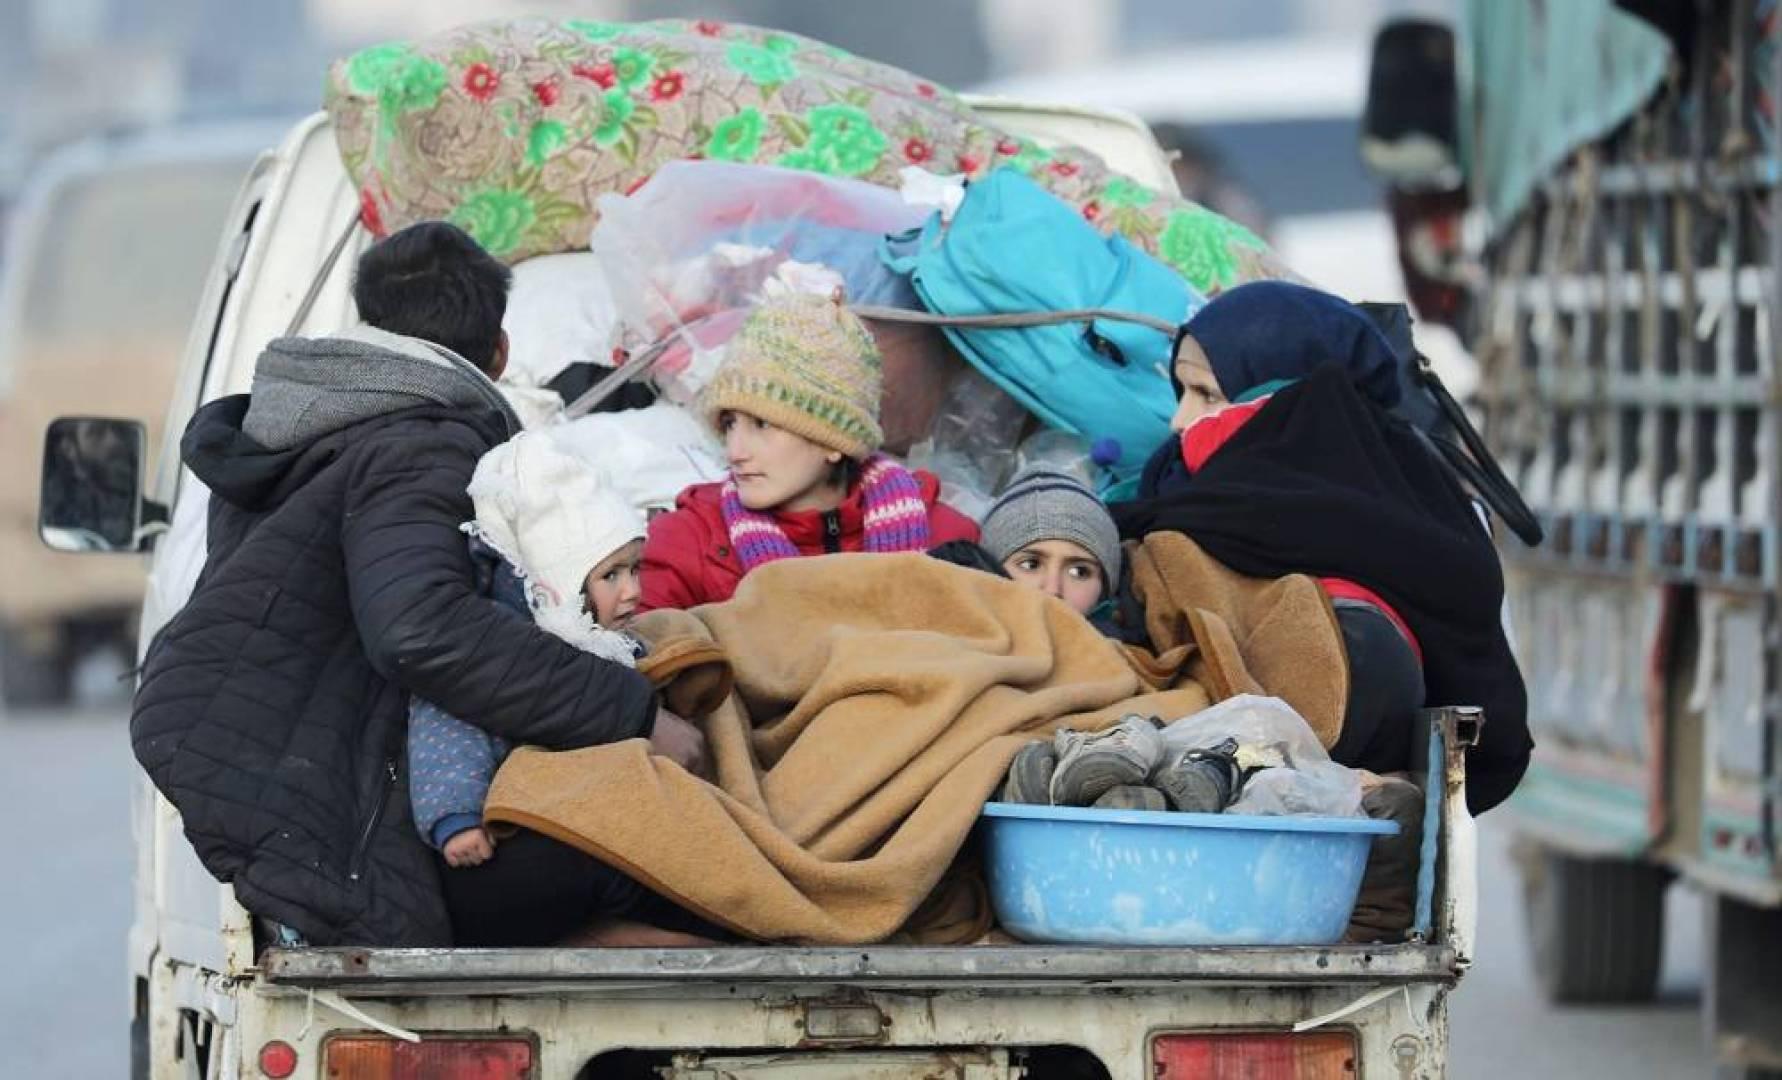 أكبر موجة نزوح بسوريا منذ بدء الحرب.. نصف مليون طفل مهدد